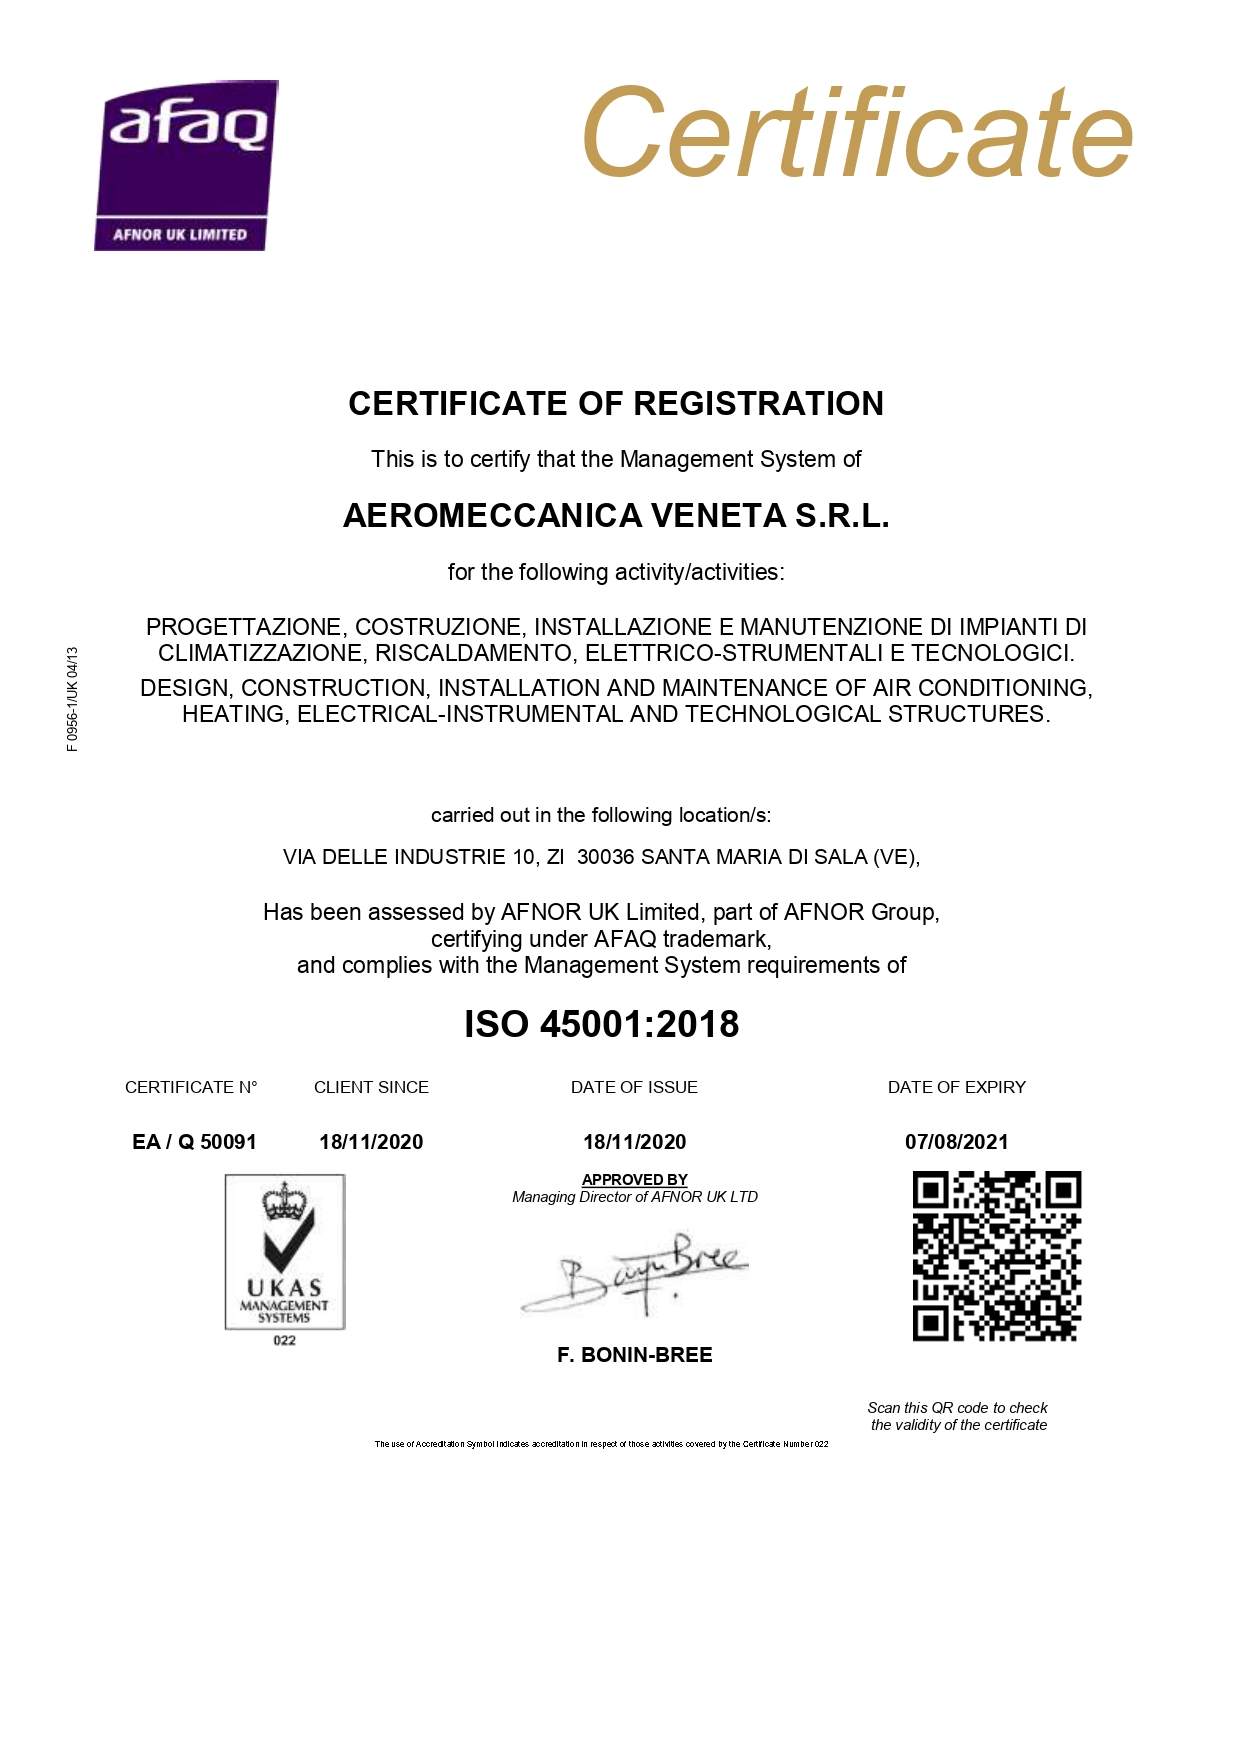 Nuova certificazione ISO 45001:2018